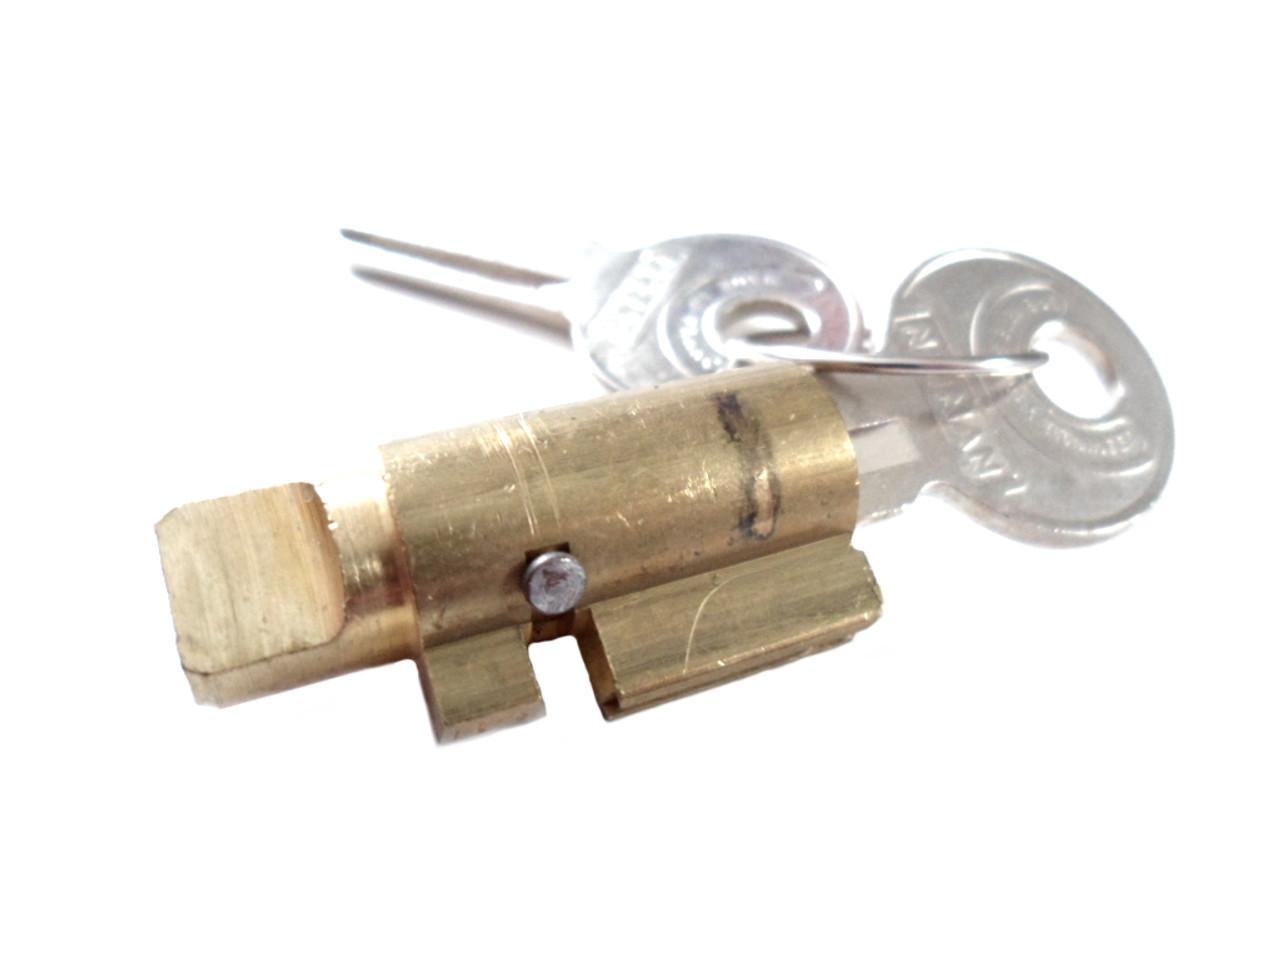 NOS Motobecane 50V / Peugeot 103 Fork Lock w/ Keys - No springs or clips